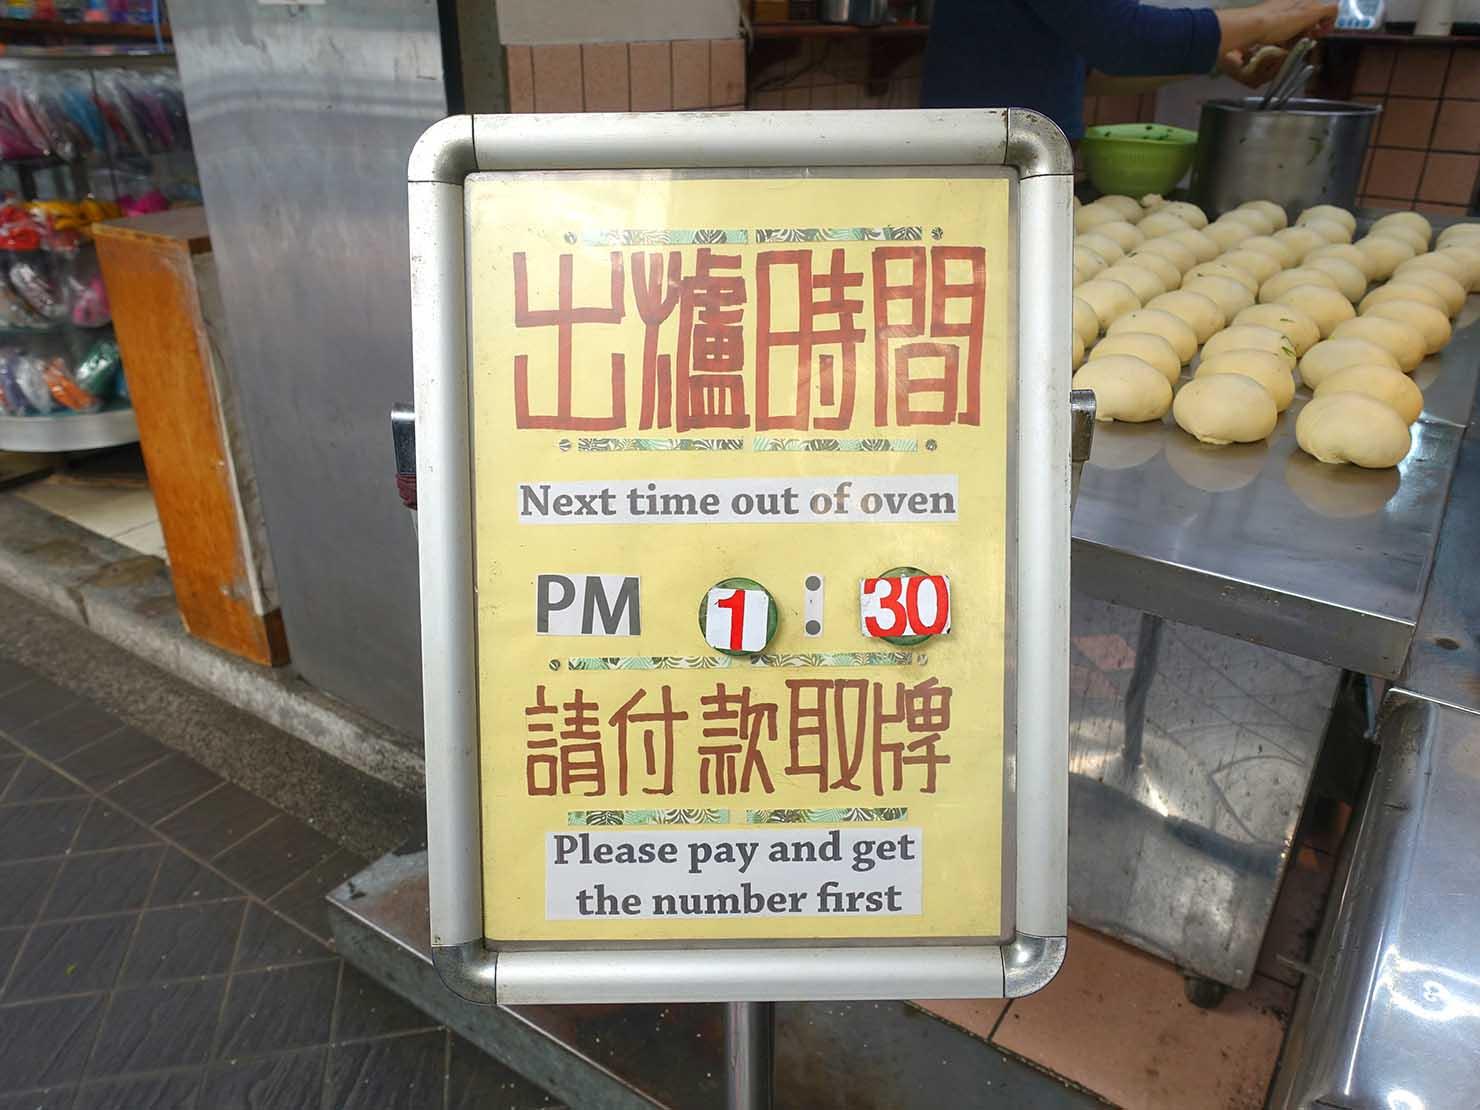 台北駅周辺のおすすめ台湾グルメ店「福元胡椒餅」の仕上がり時間が書かれた看板